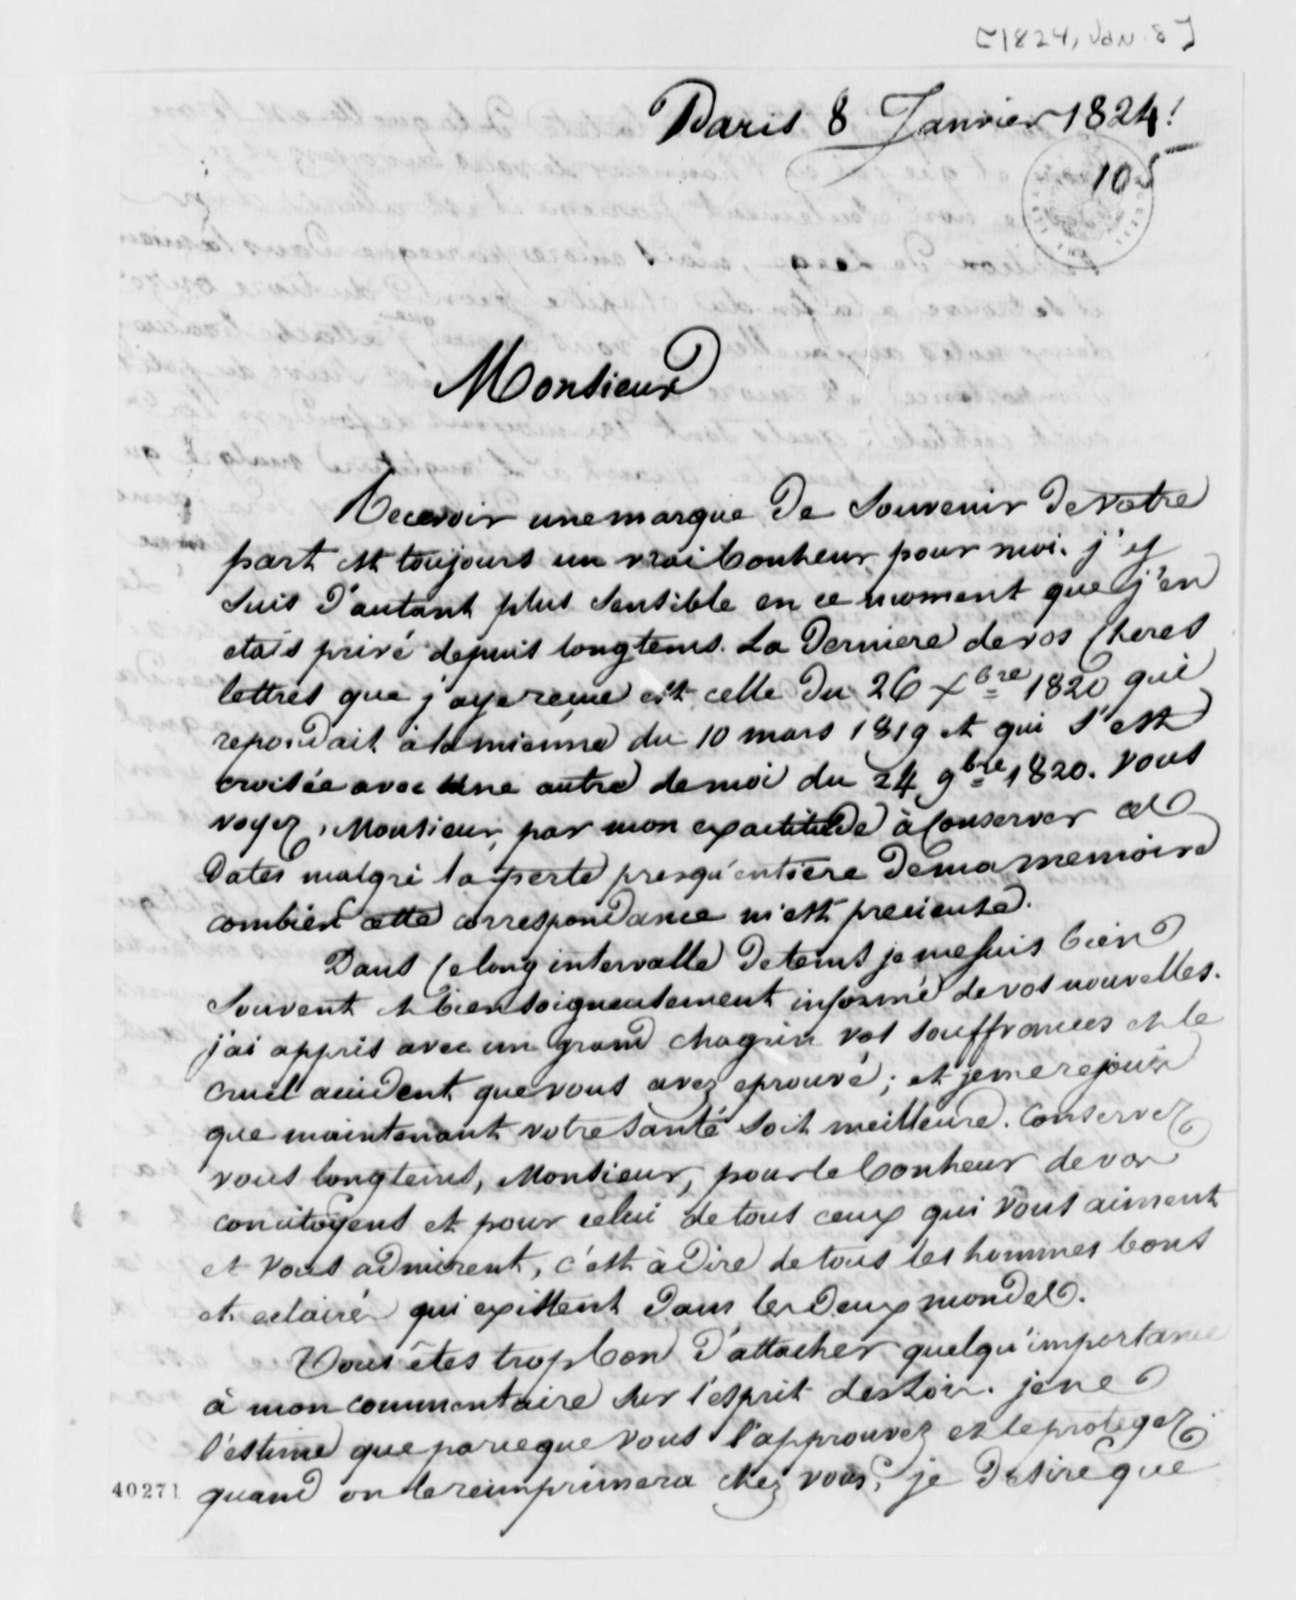 Antoine Louis Claude Destutt de Tracy to Thomas Jefferson, January 8, 1824